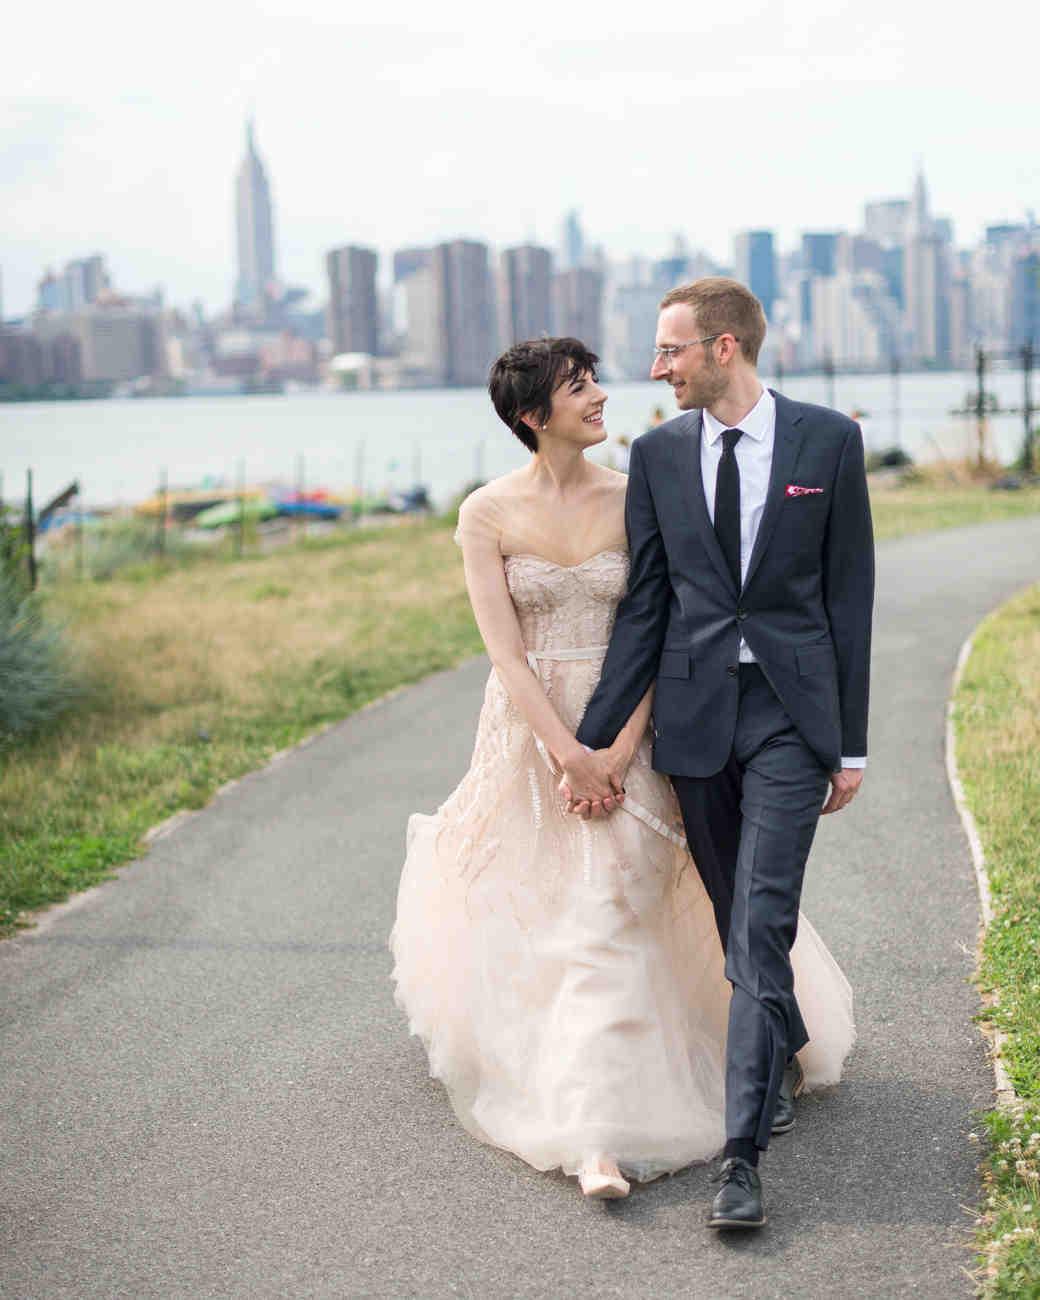 caitlin-michael-wedding-couple-117-s111835-0415.jpg